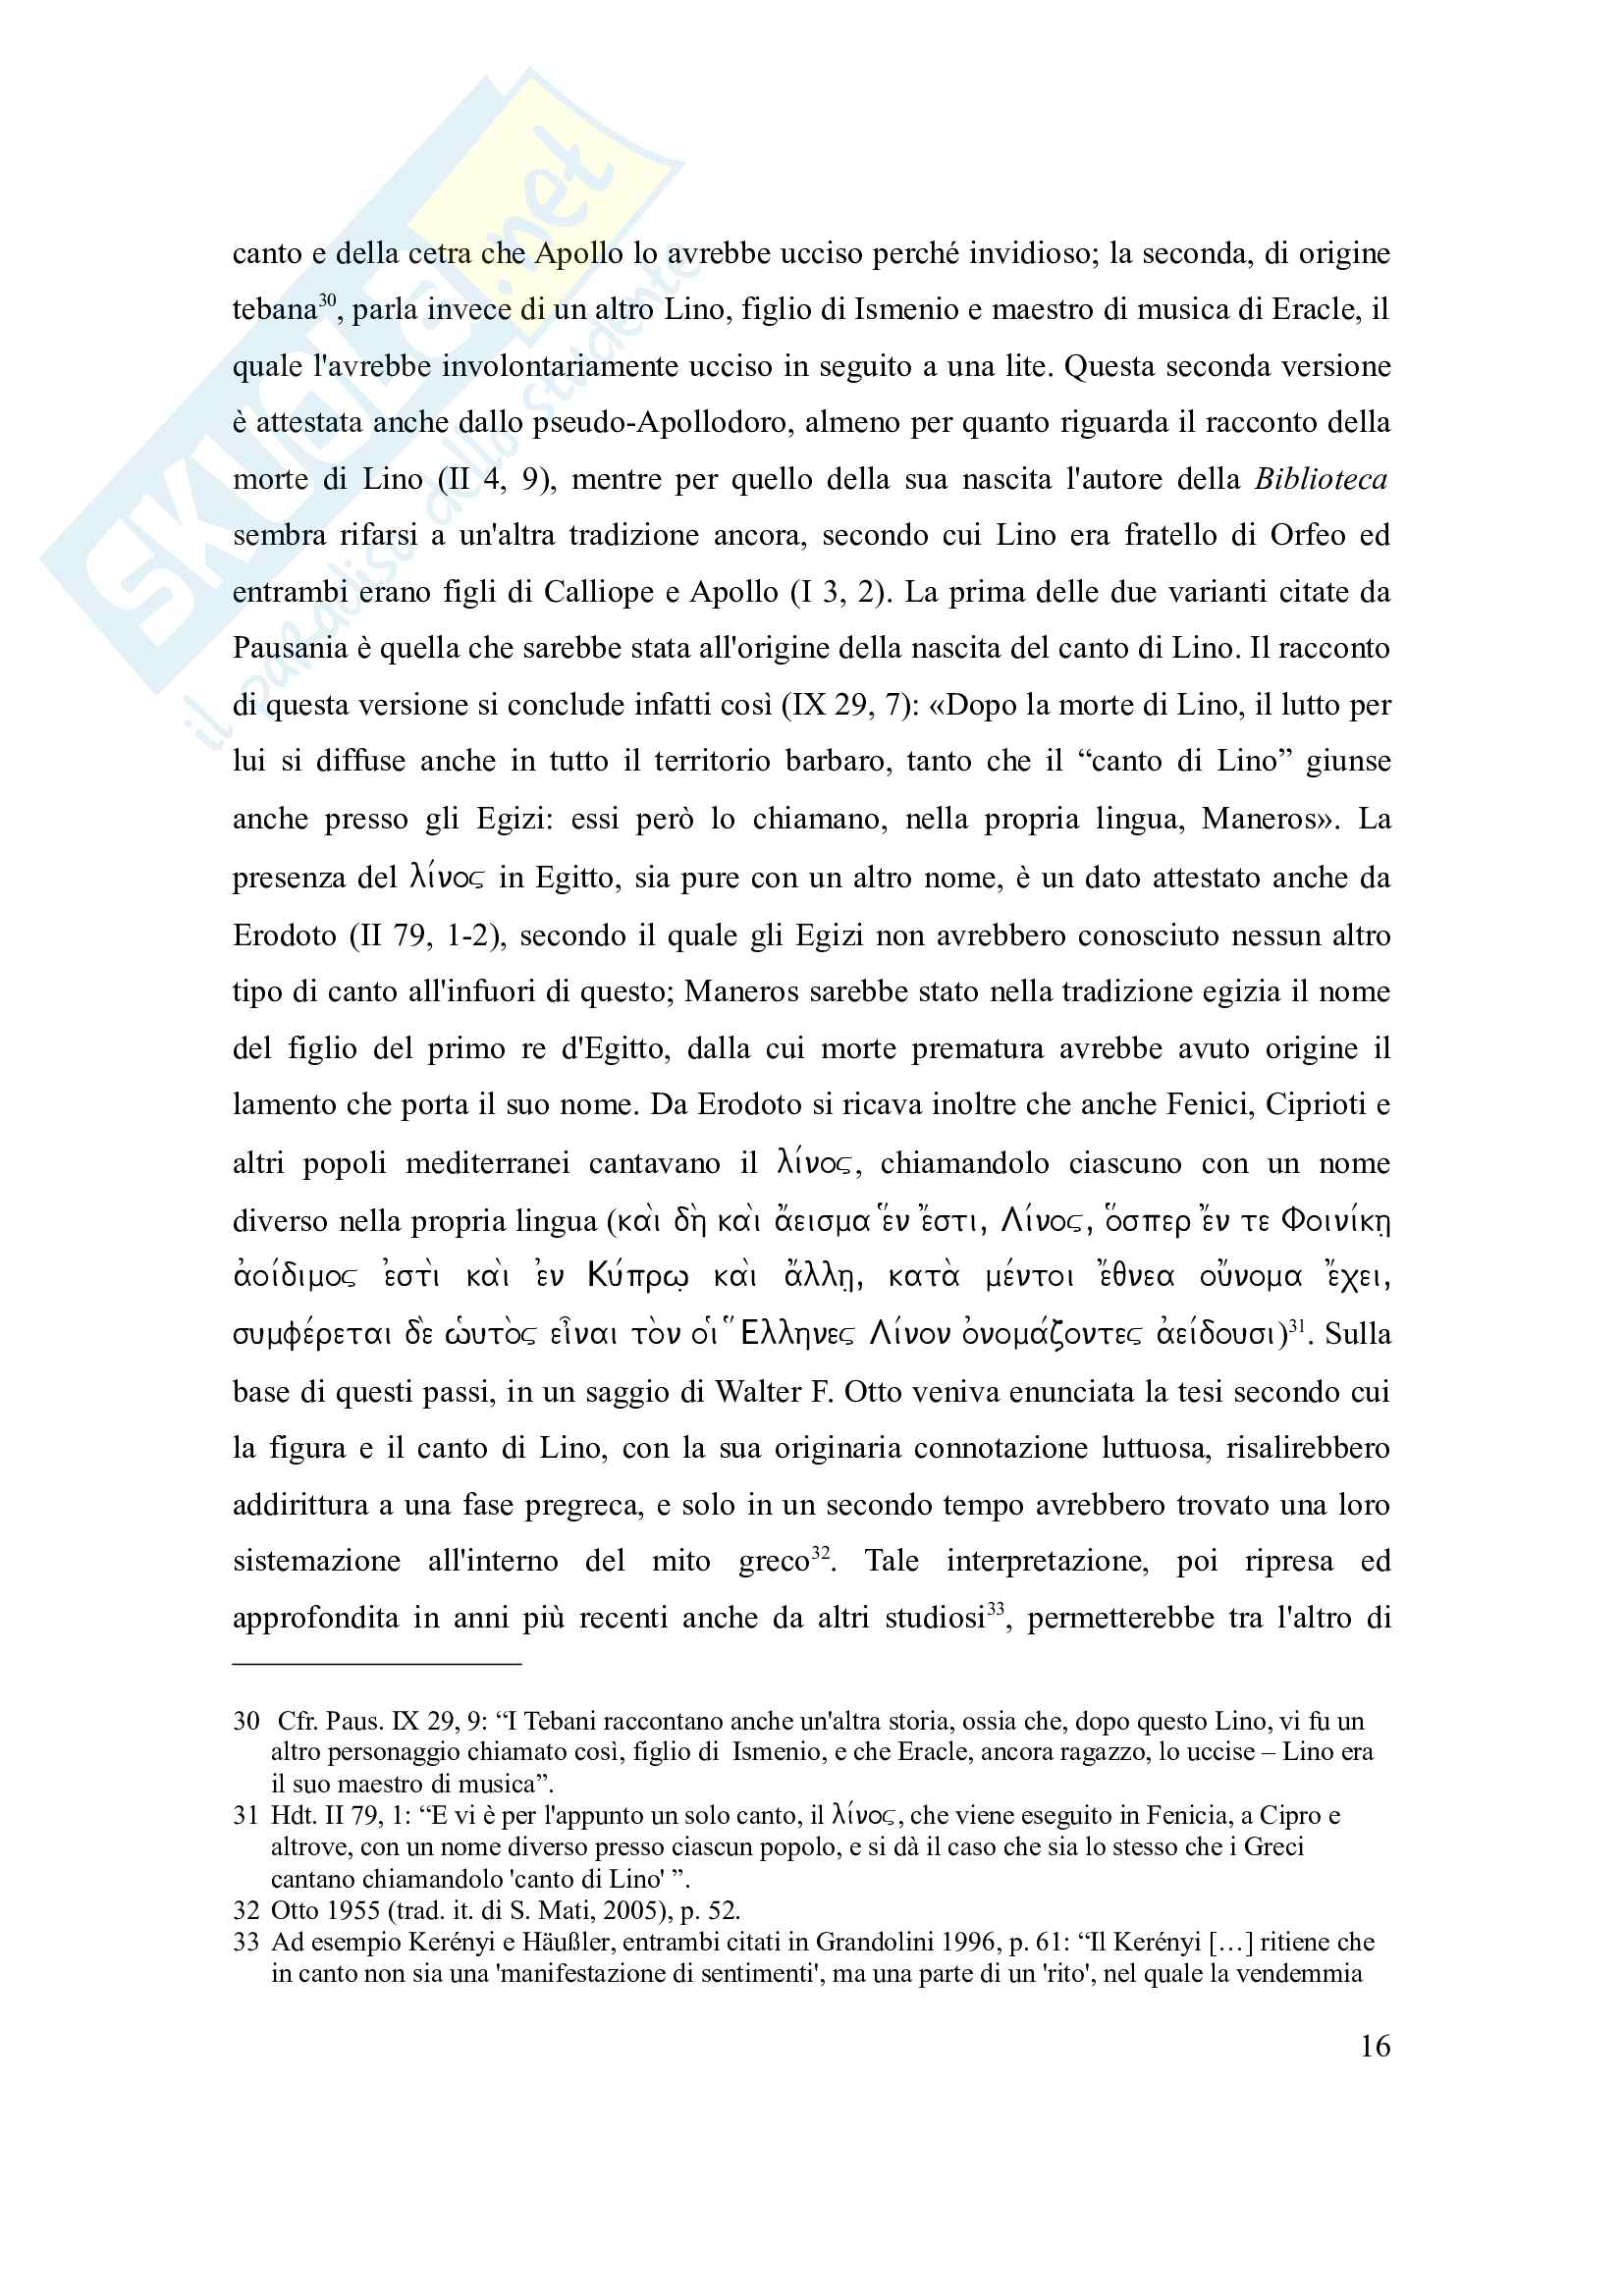 Tesi - Canto e scene di canto nell'Iliade e nell'Odissea Pag. 16